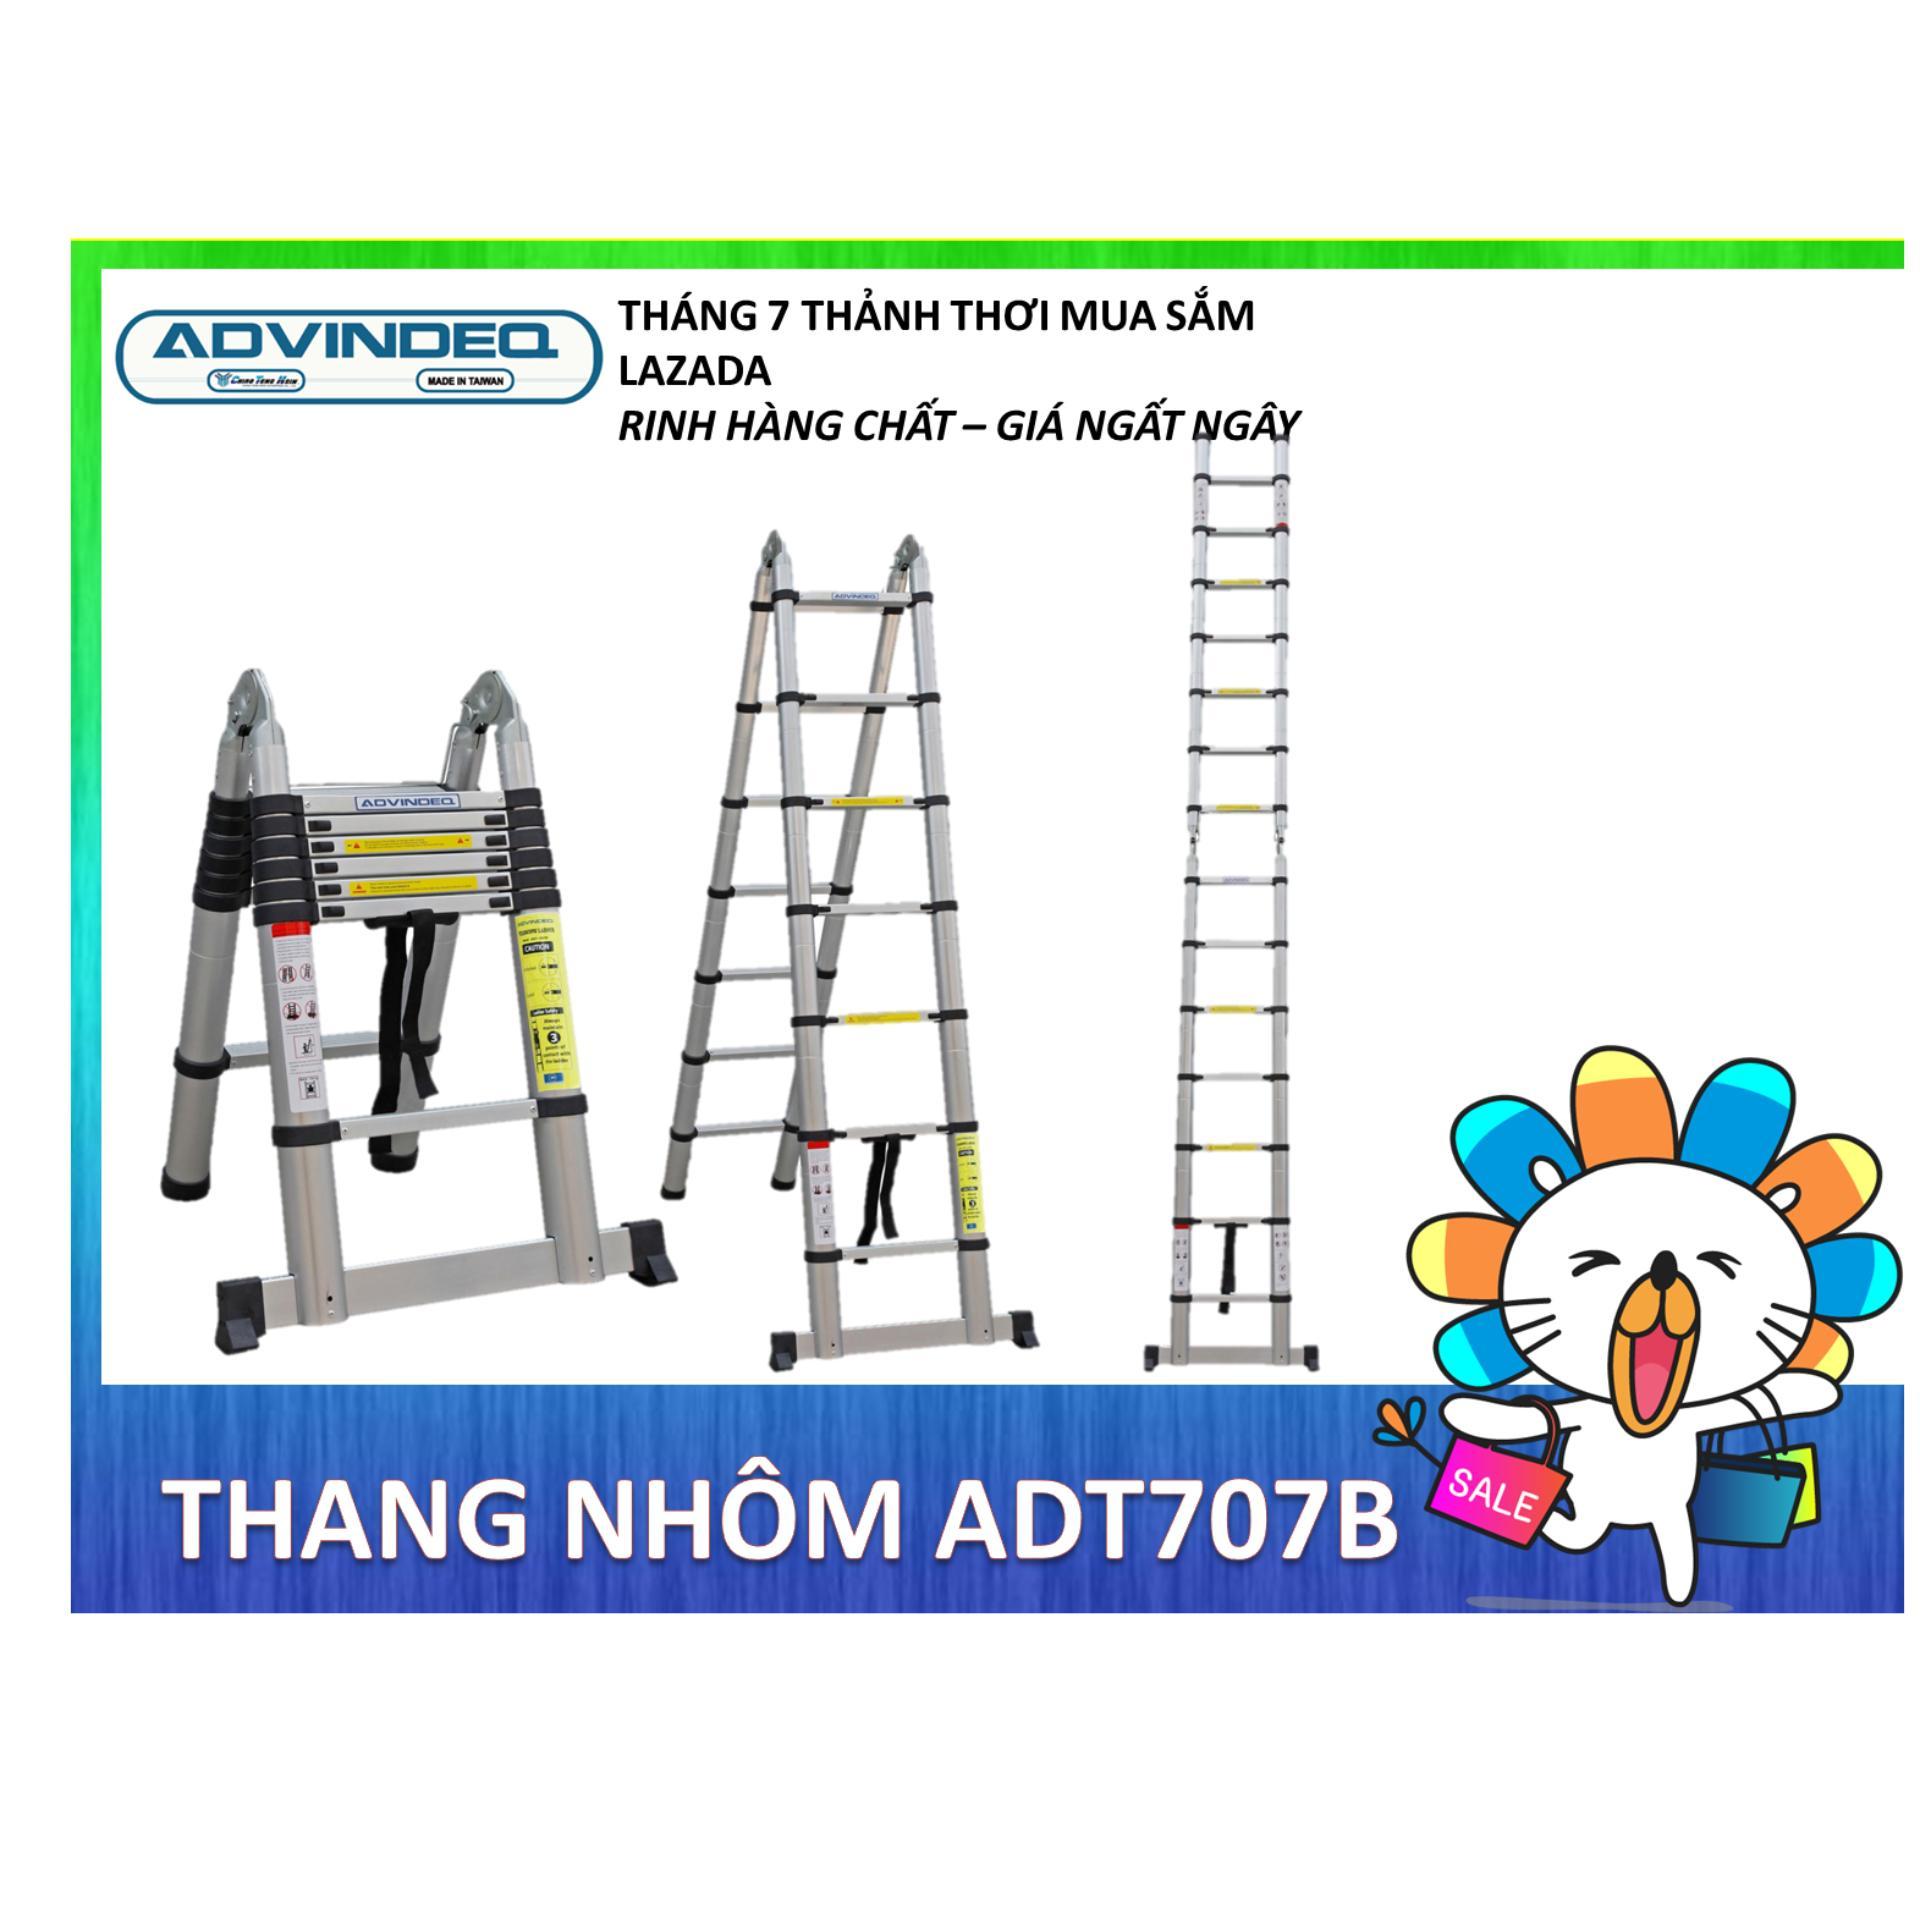 Thang nhôm rút gọn Advindeq ADT707B (A: 2,1m; I: 4,4m)